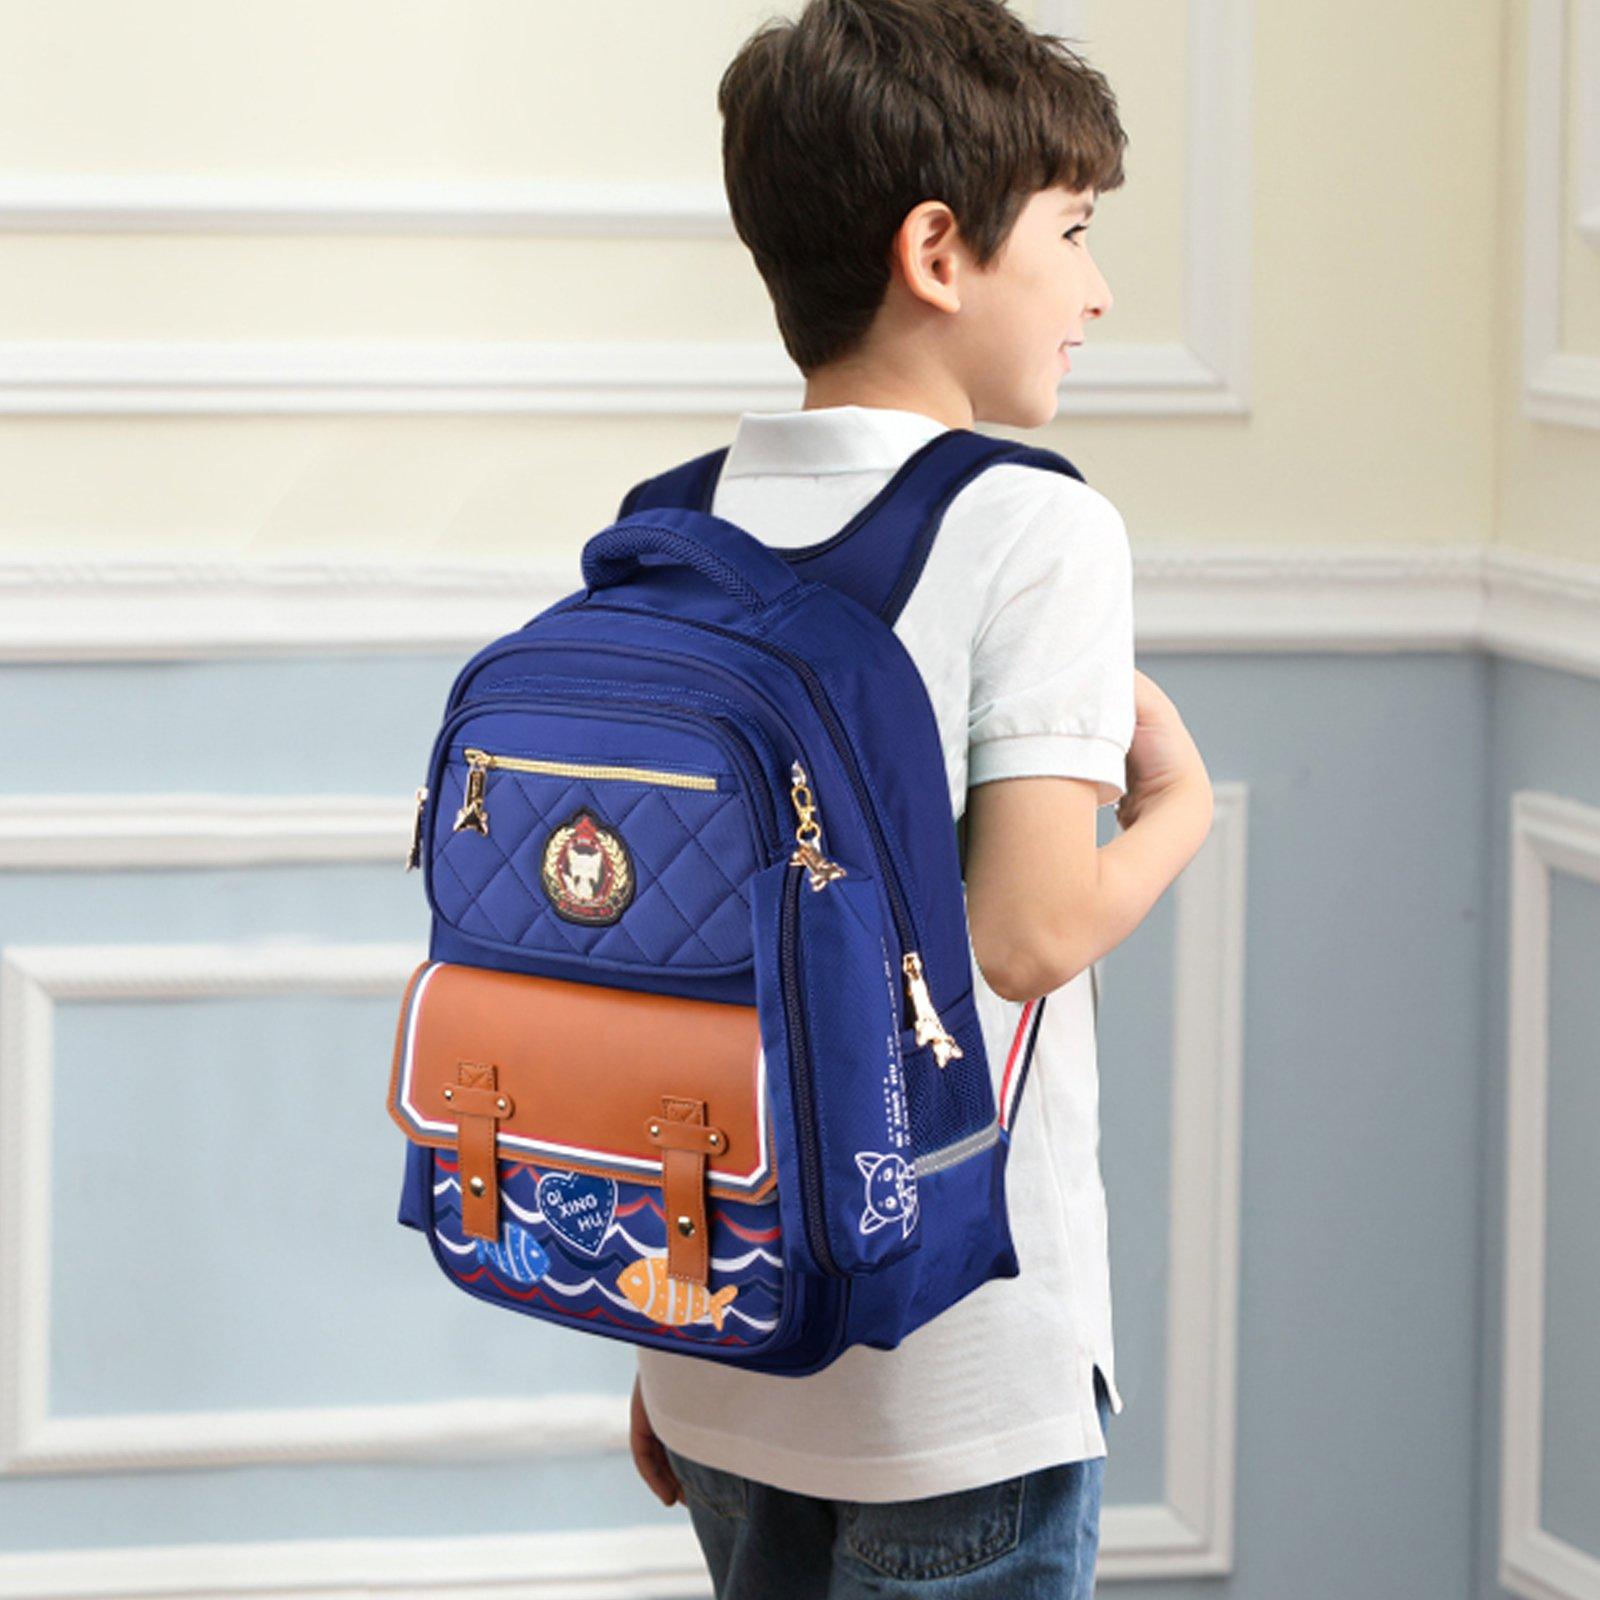 Boys Backpacks, Bageek Backpacks for School Backpack Kid School Bags for Boys Childrens Backpack by Bageek (Image #2)